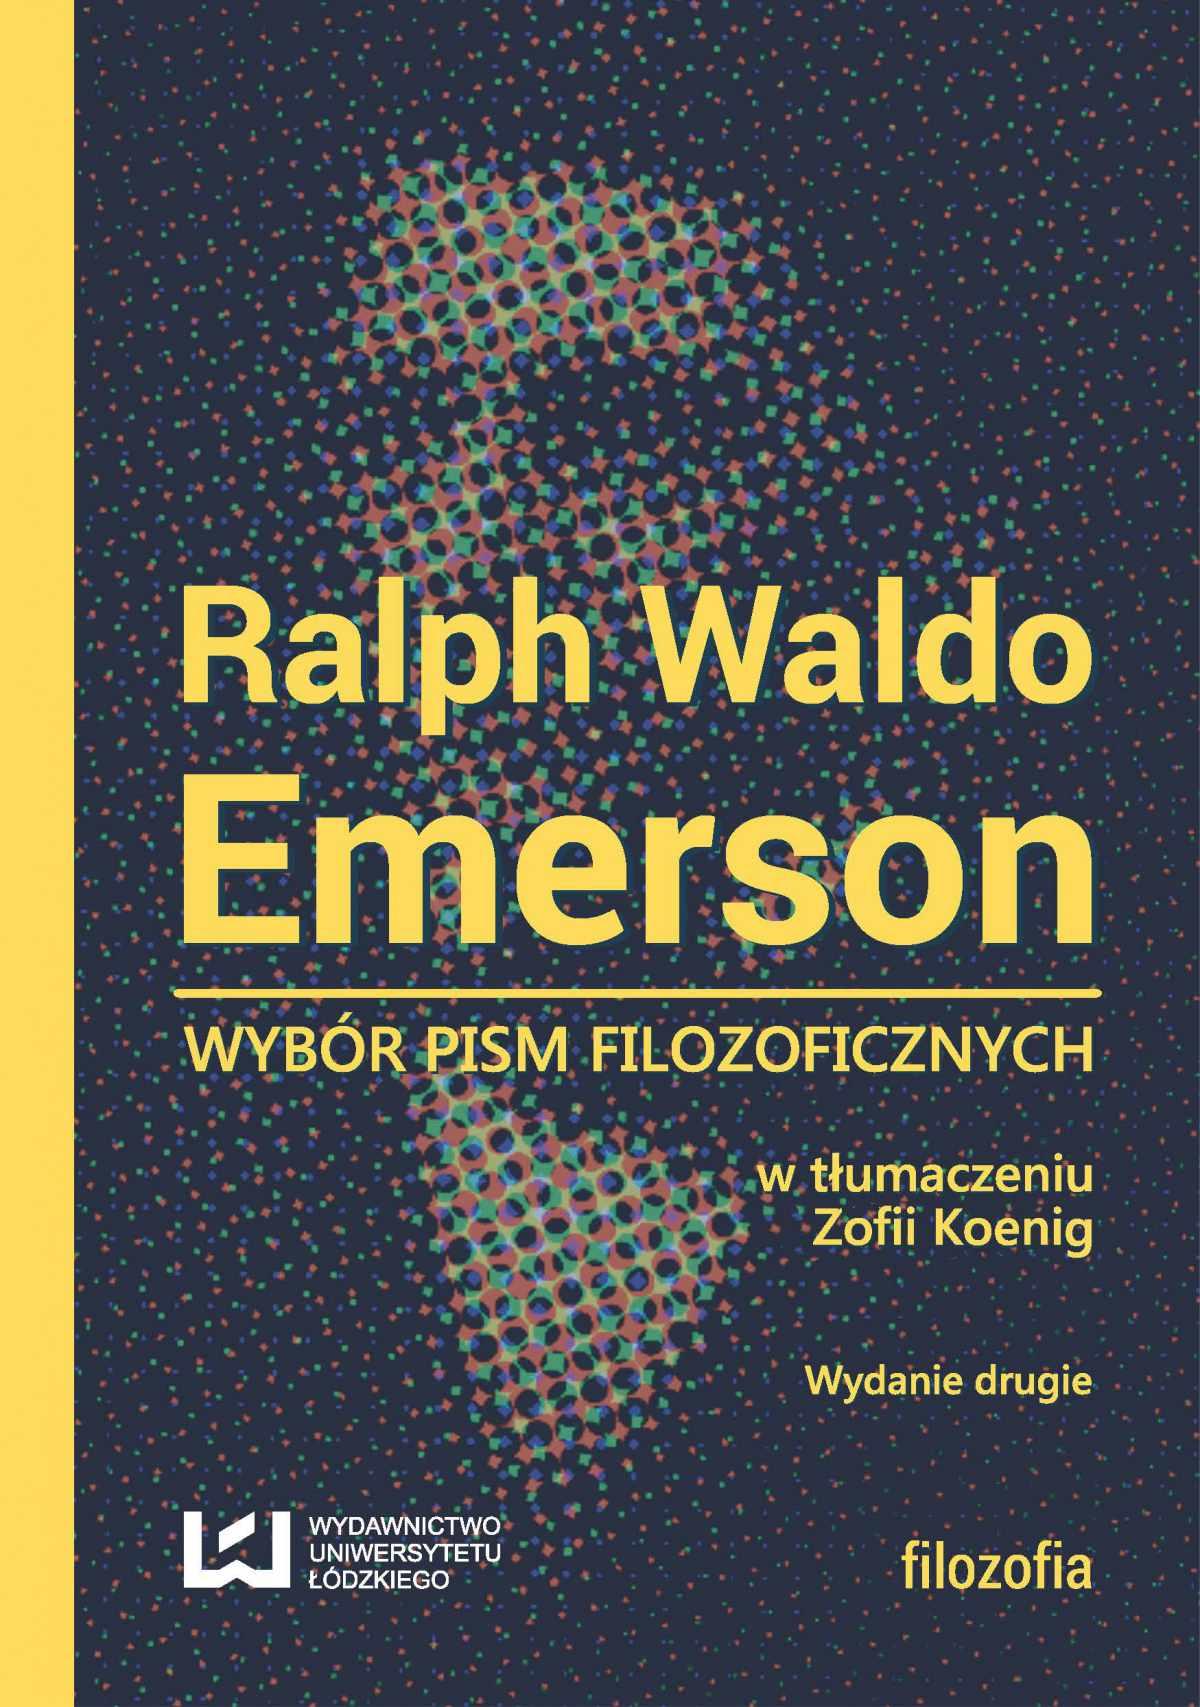 Wybór pism filozoficznych. Wydanie drugie - Ebook (Książka PDF) do pobrania w formacie PDF